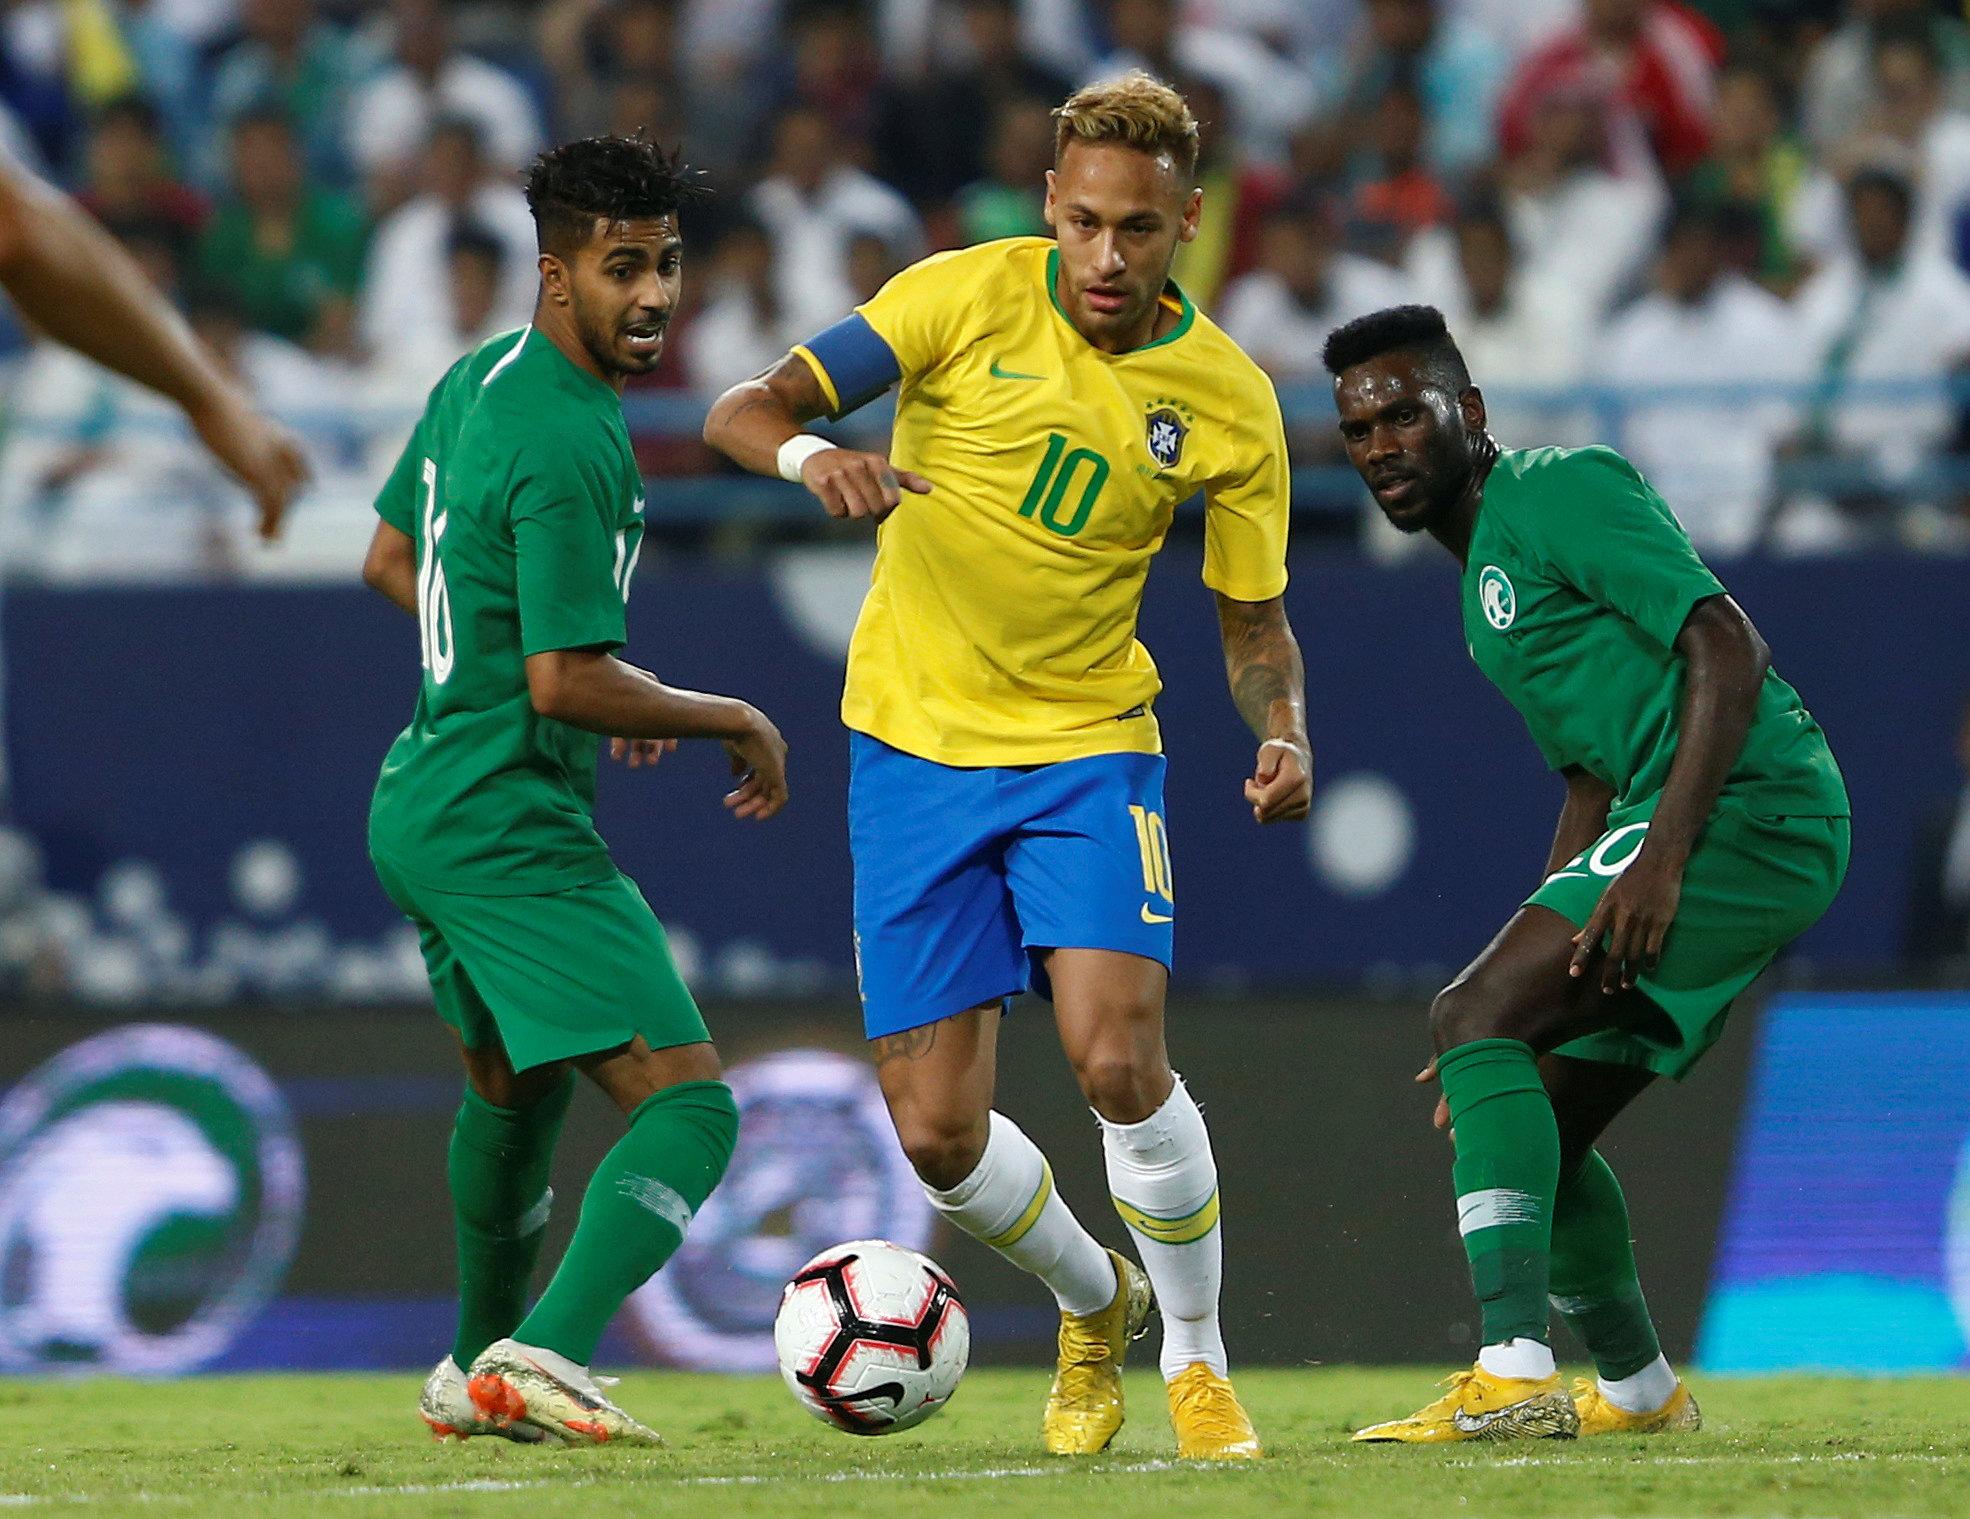 مباراة السعودية ضد البرازيل  (9)